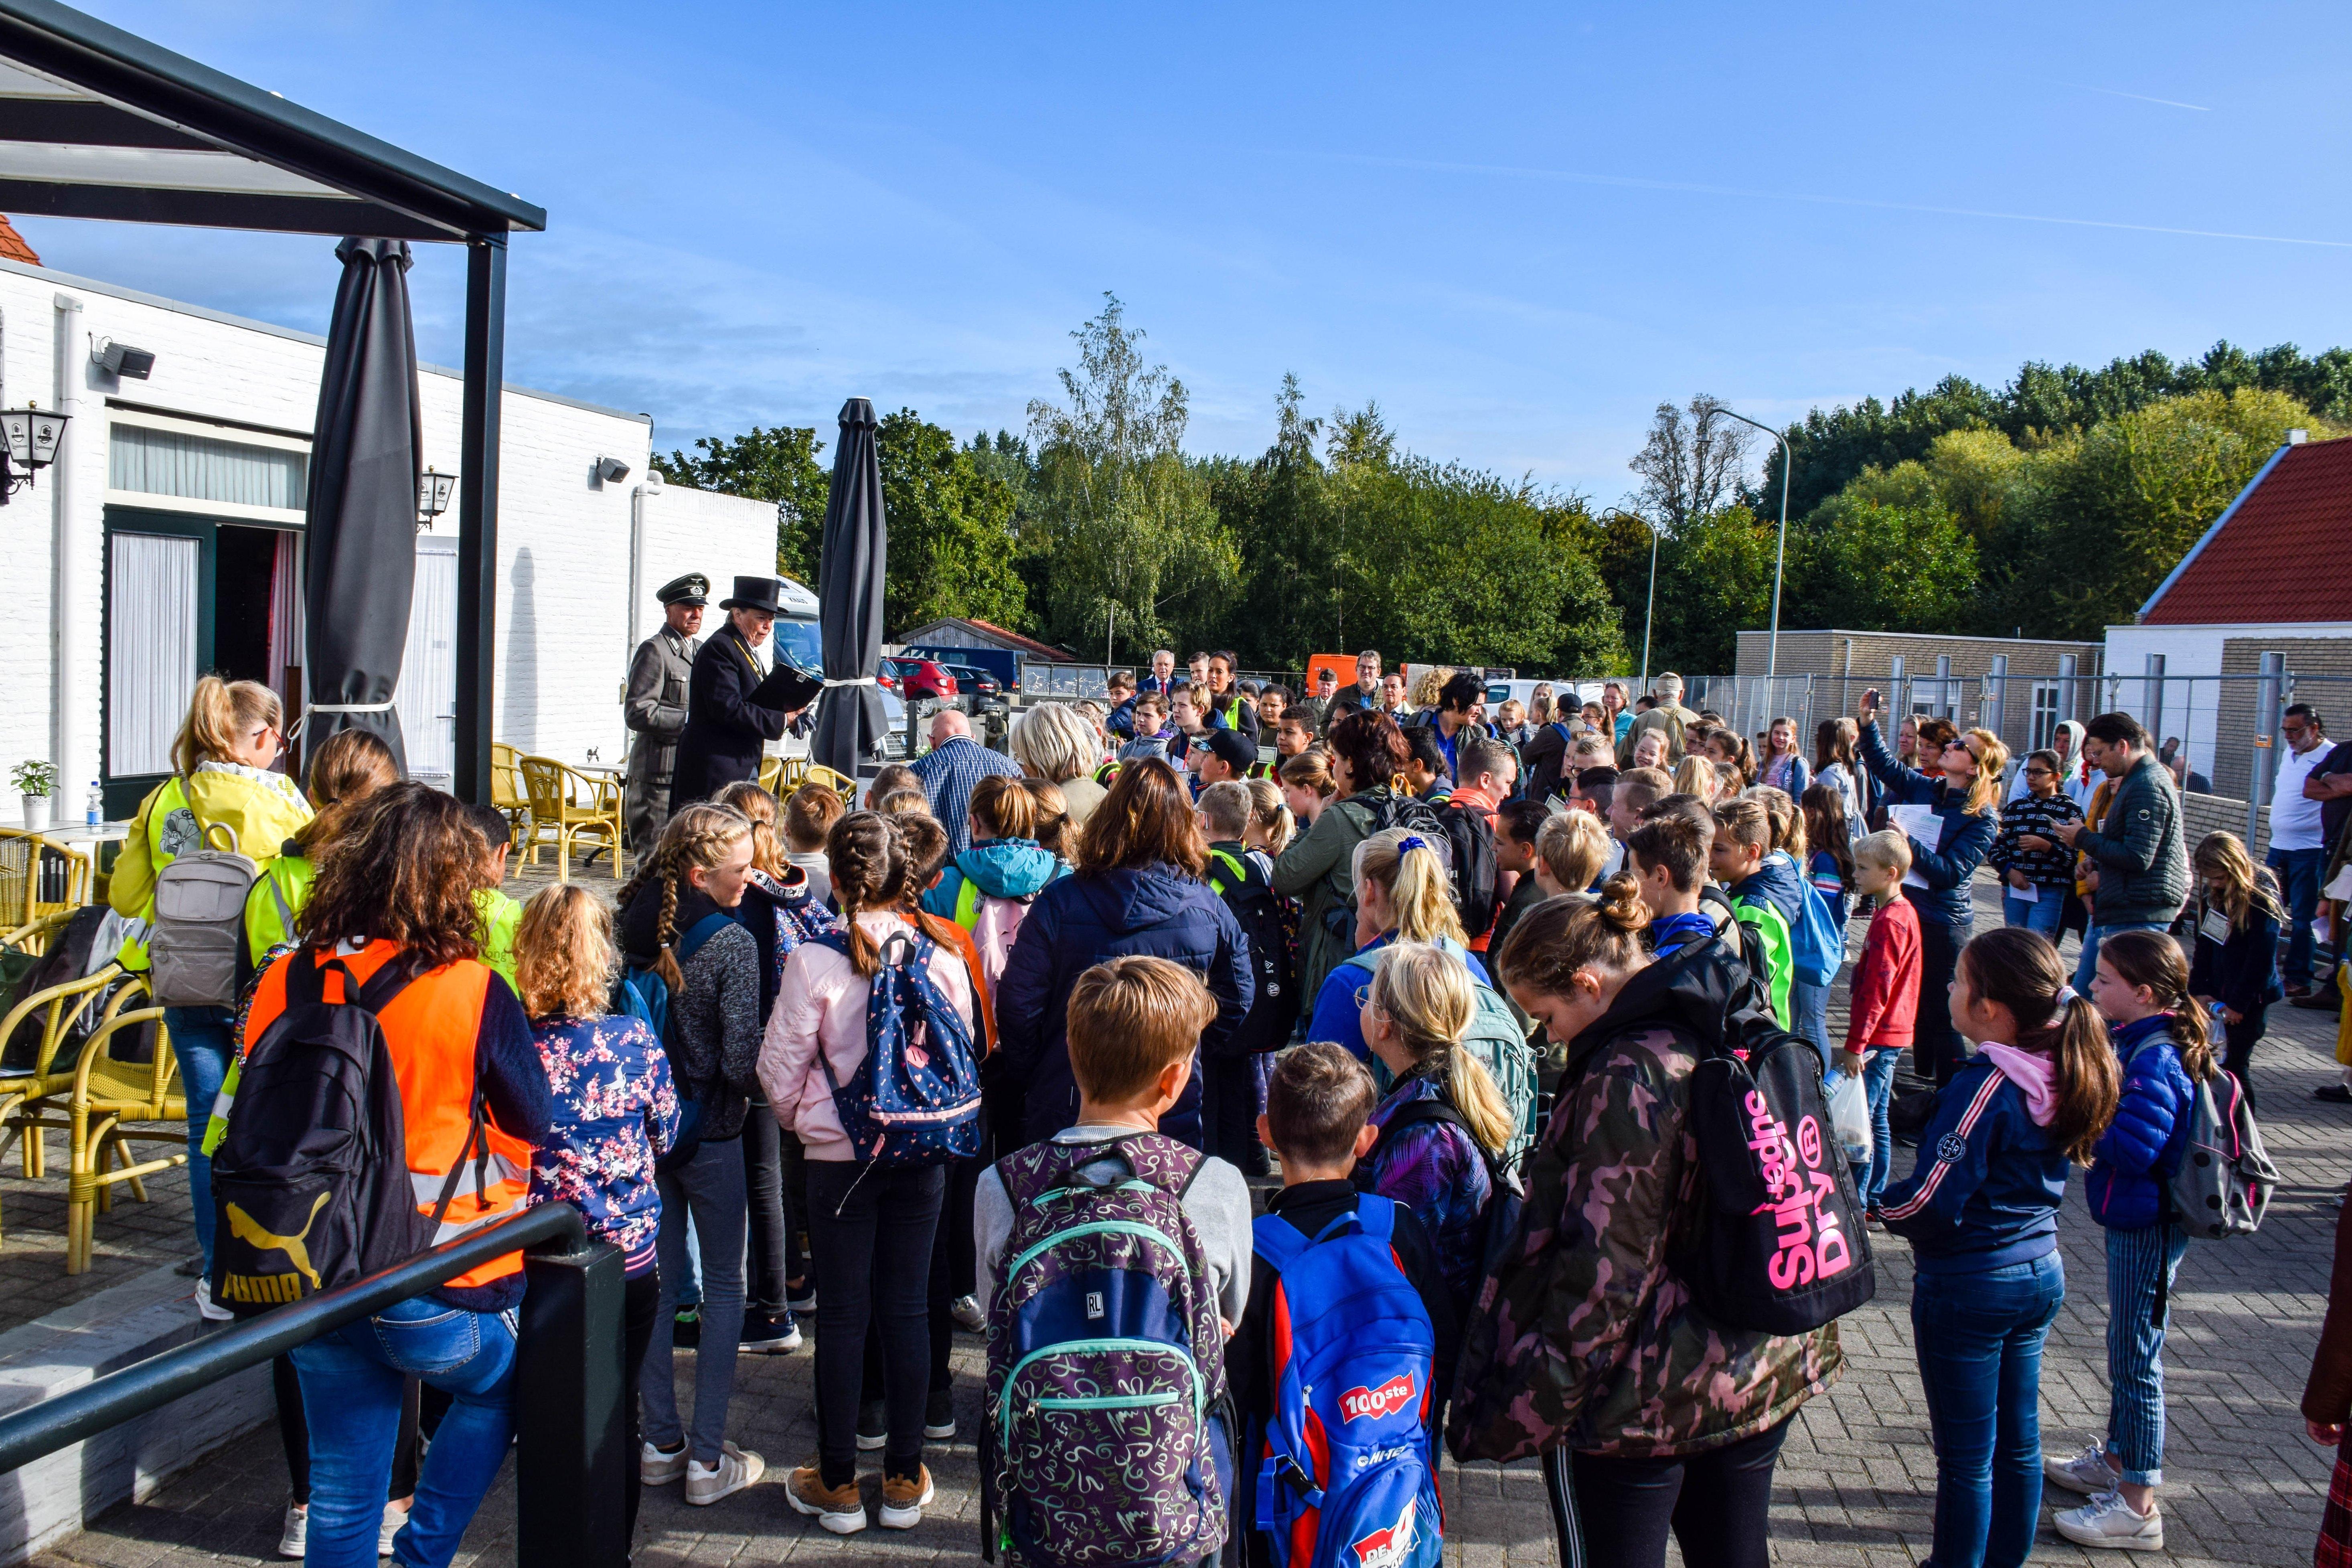 20190919 - Schoolbelevingsdag Thorn - LR043